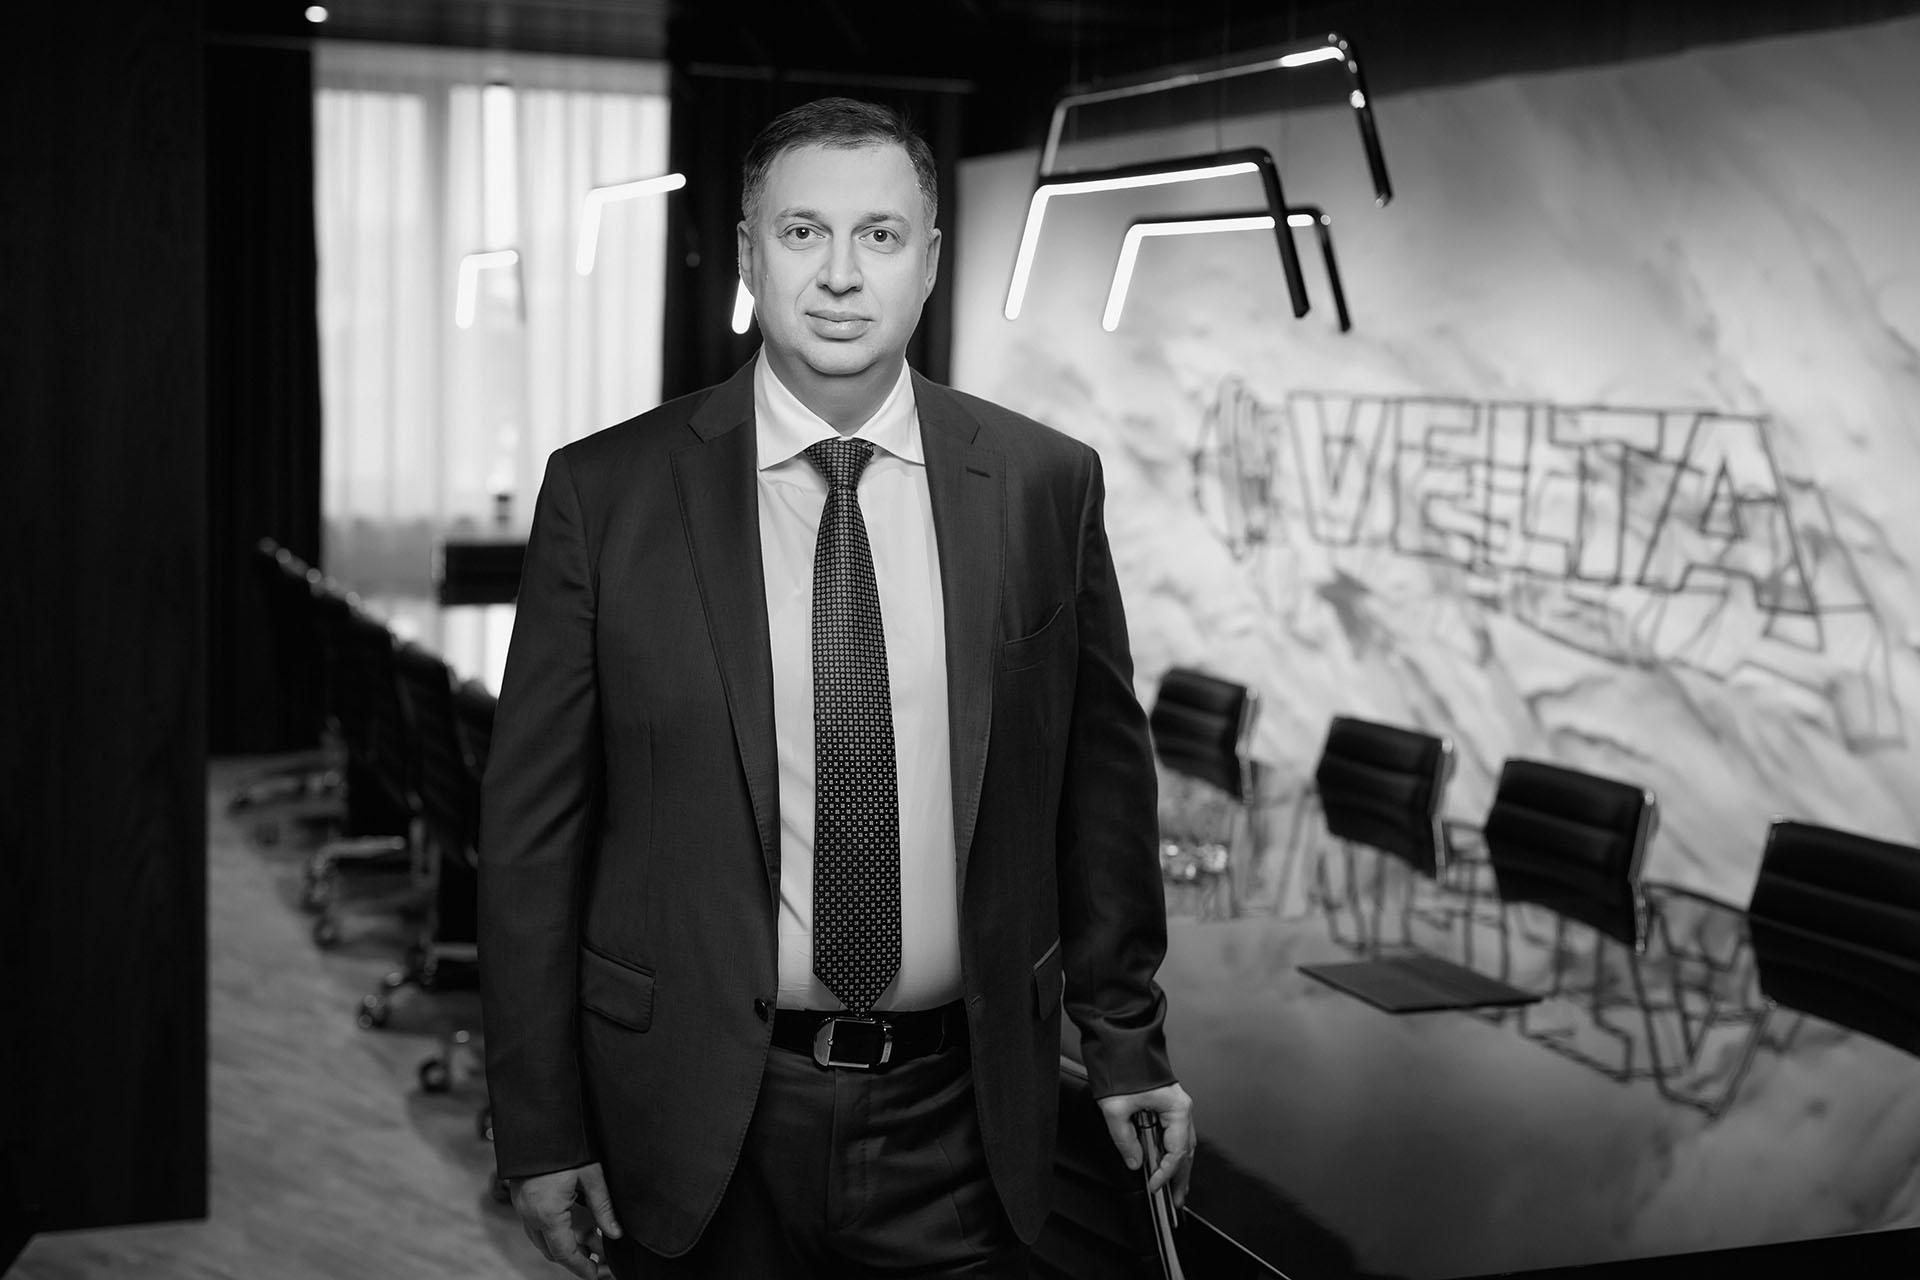 НАУЧНЫЙ ИНСАЙТ: Андрей Бродский о технологиях, сращивающих мозг и компьютер